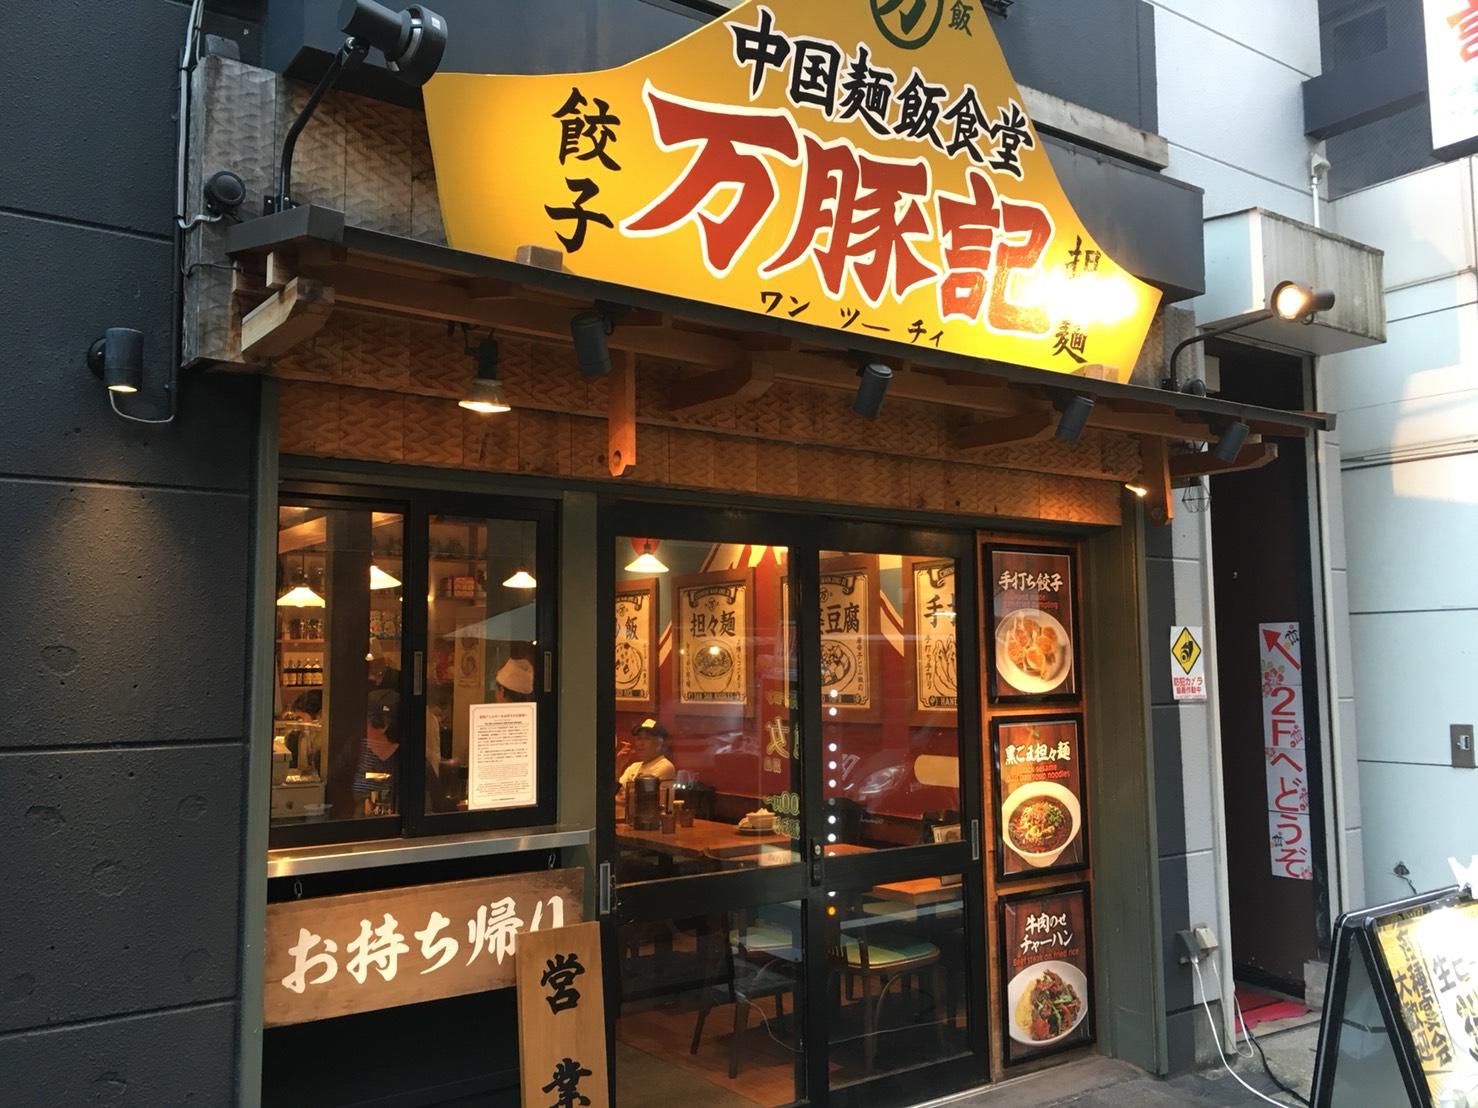 【大塚駅】迷走中?とても残念。旧富士ノ山食堂「万豚記」の外観